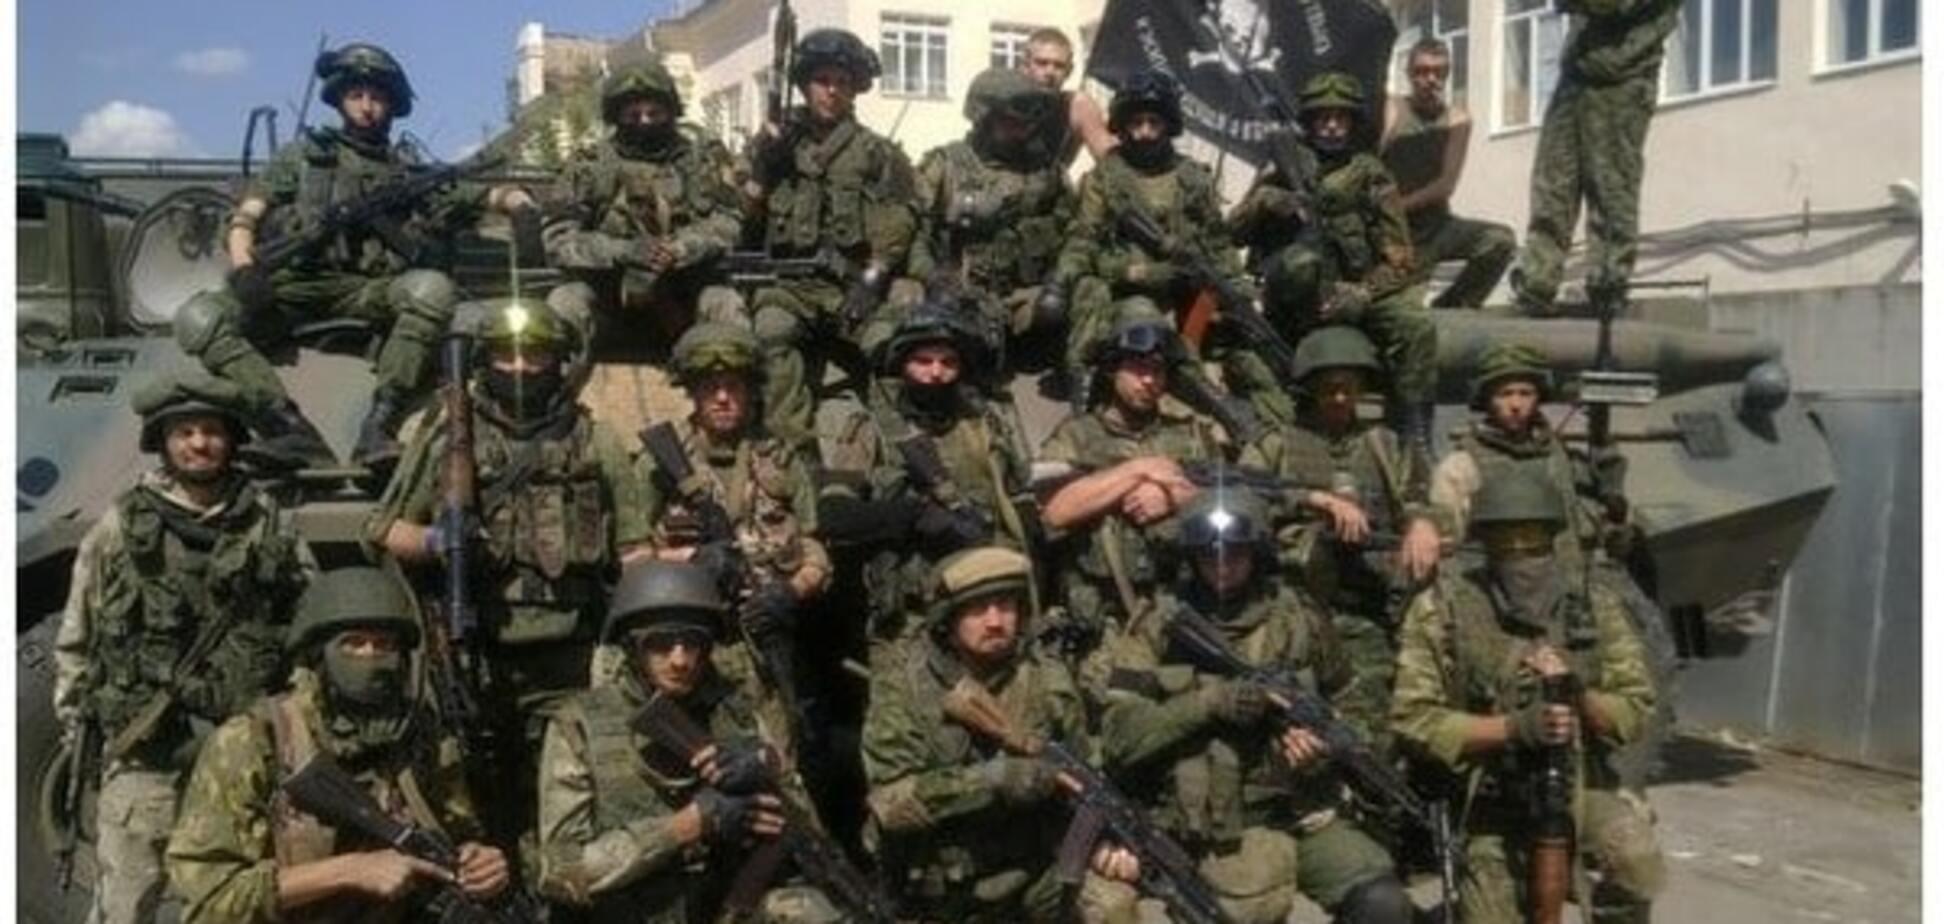 Колишніх терористів 'ДНР' вербують в регулярну російську армію - розслідування